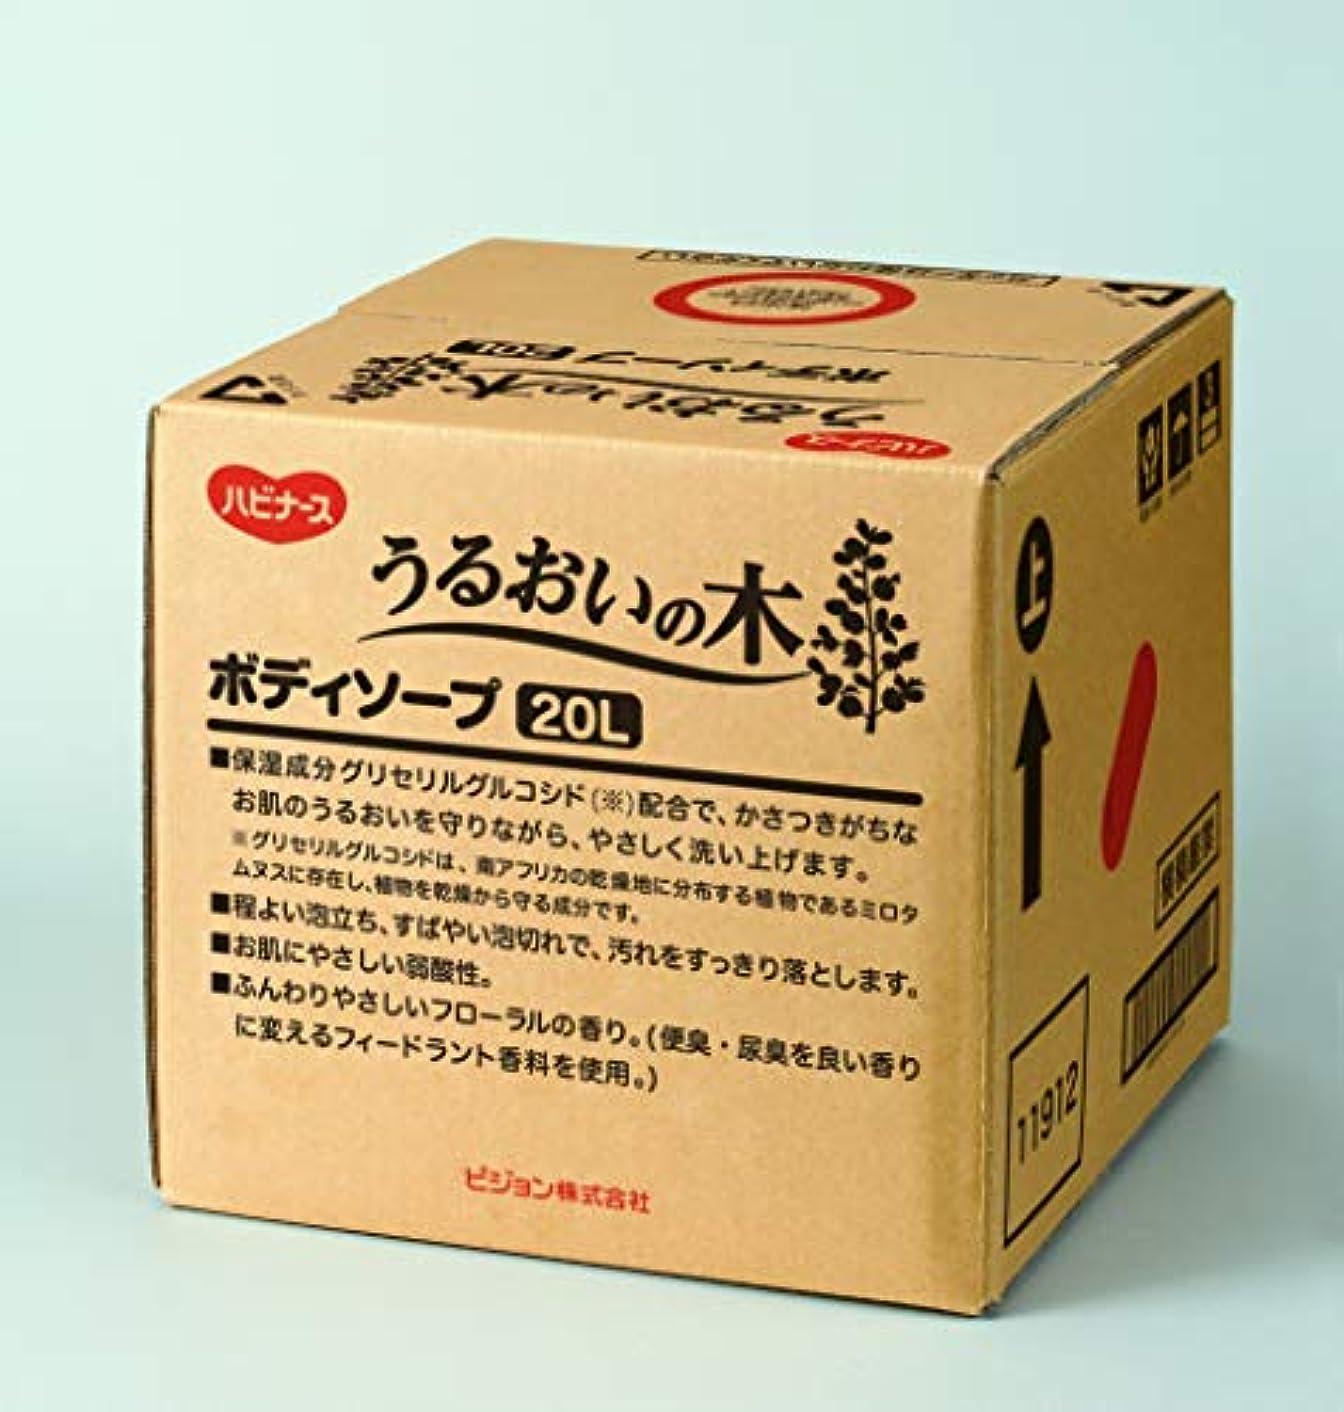 に負ける男アジテーションハビナース うるおいの木 ボディソープ 20L [業務用]